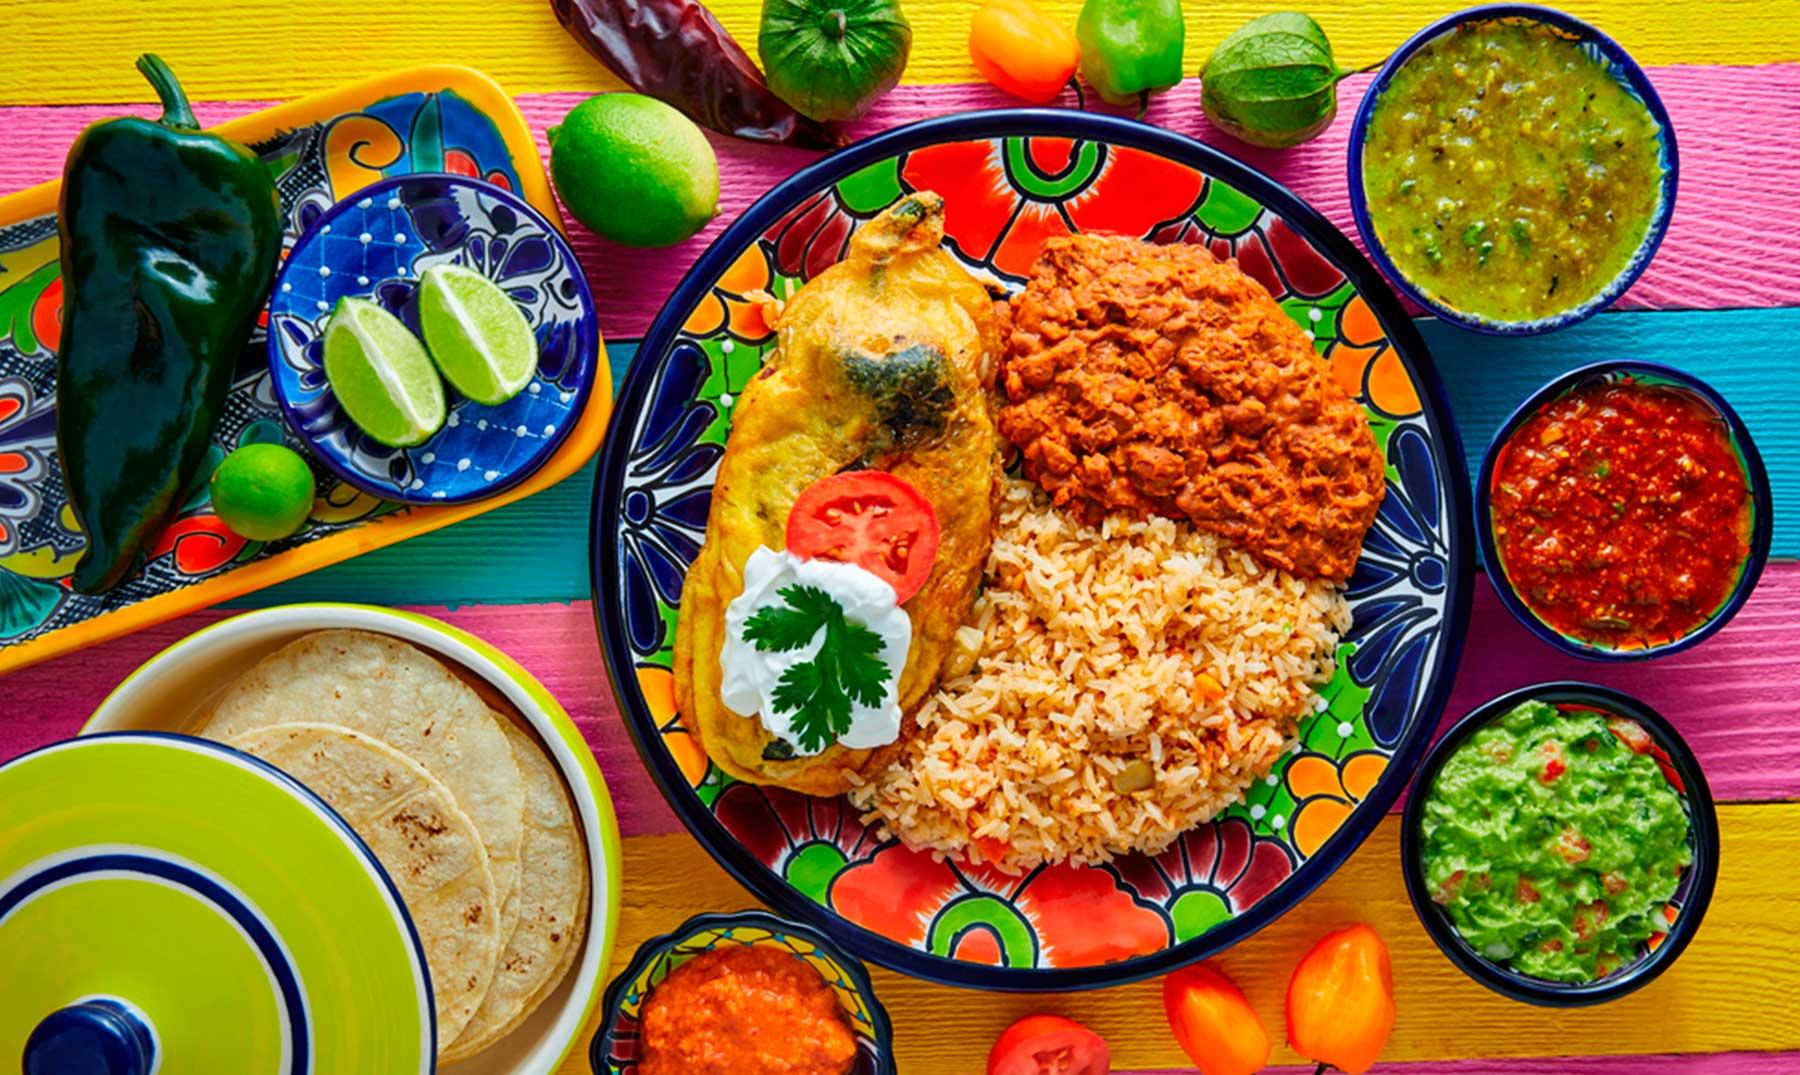 Datos interesantes sobre la comida mexicana supercurioso for Trucos de cocina curiosos